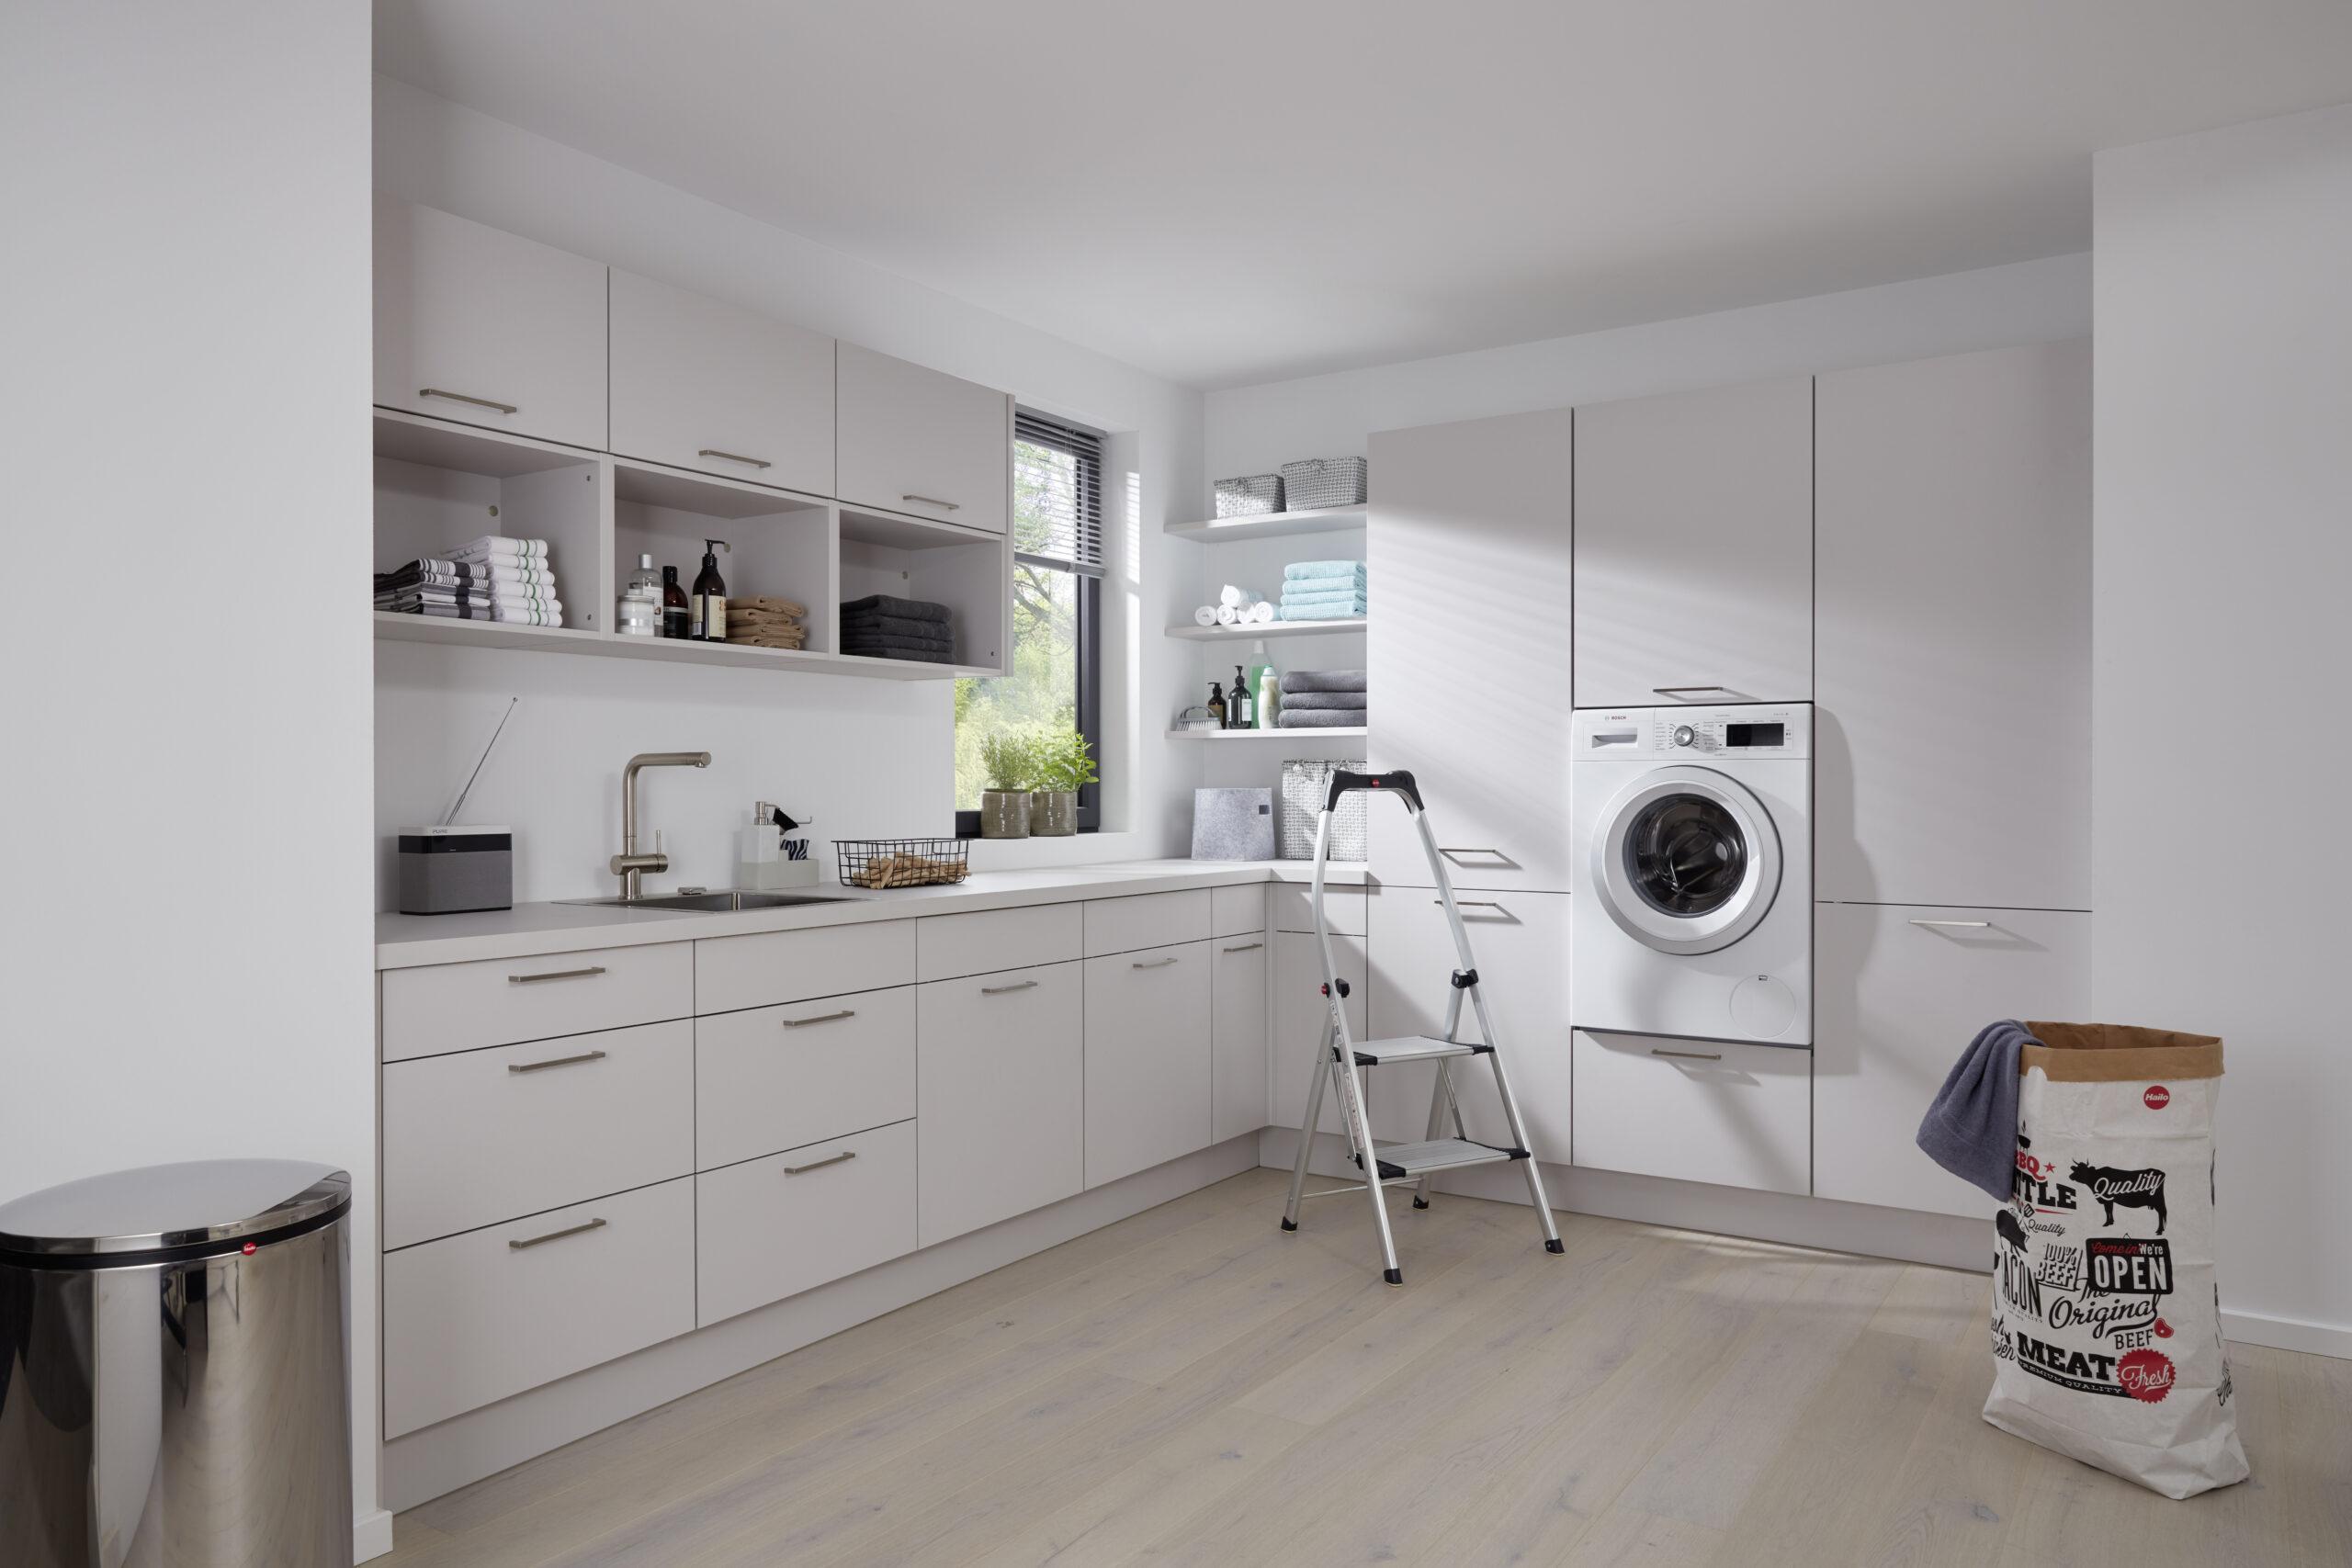 Full Size of Ikea Hauswirtschaftsraum Planen Kchenzeile Mit Waschmaschine Einen Und Miniküche Betten 160x200 Küche Sofa Schlaffunktion Kostenlos Modulküche Bad Online Wohnzimmer Ikea Hauswirtschaftsraum Planen